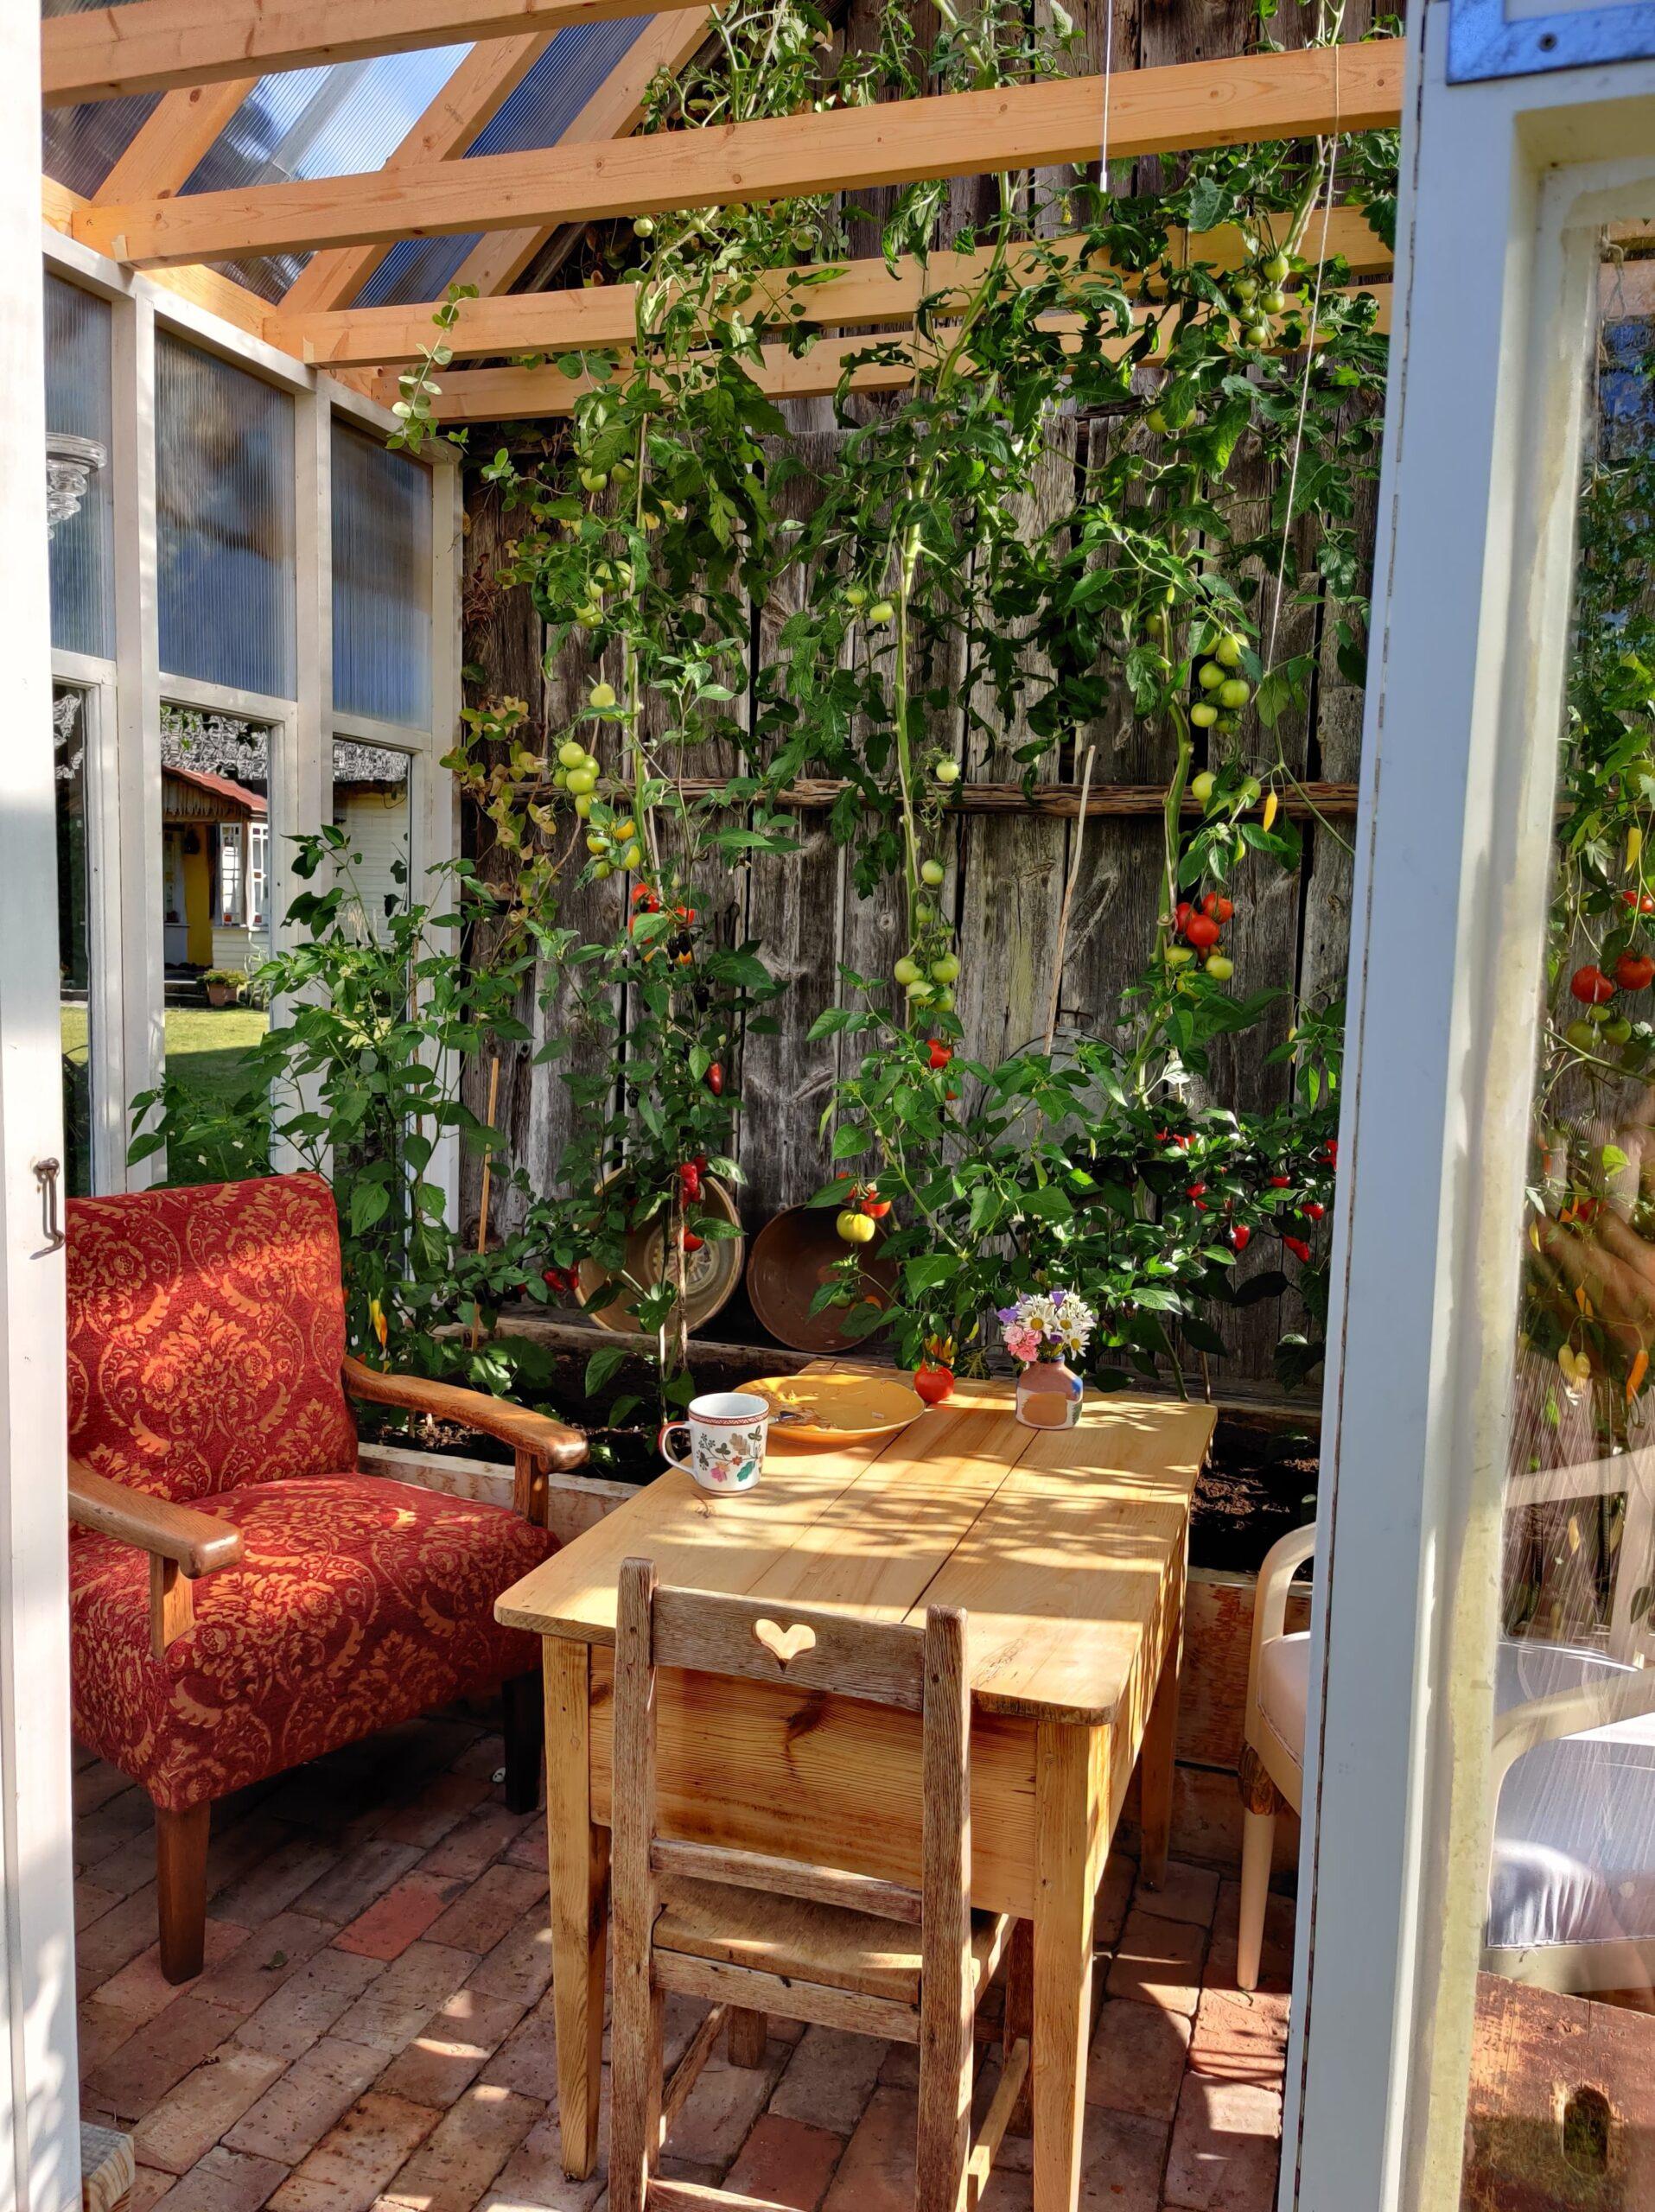 Isegi kasvumajas on kasutuses väärtuslik restaureeritud vanamööbel.